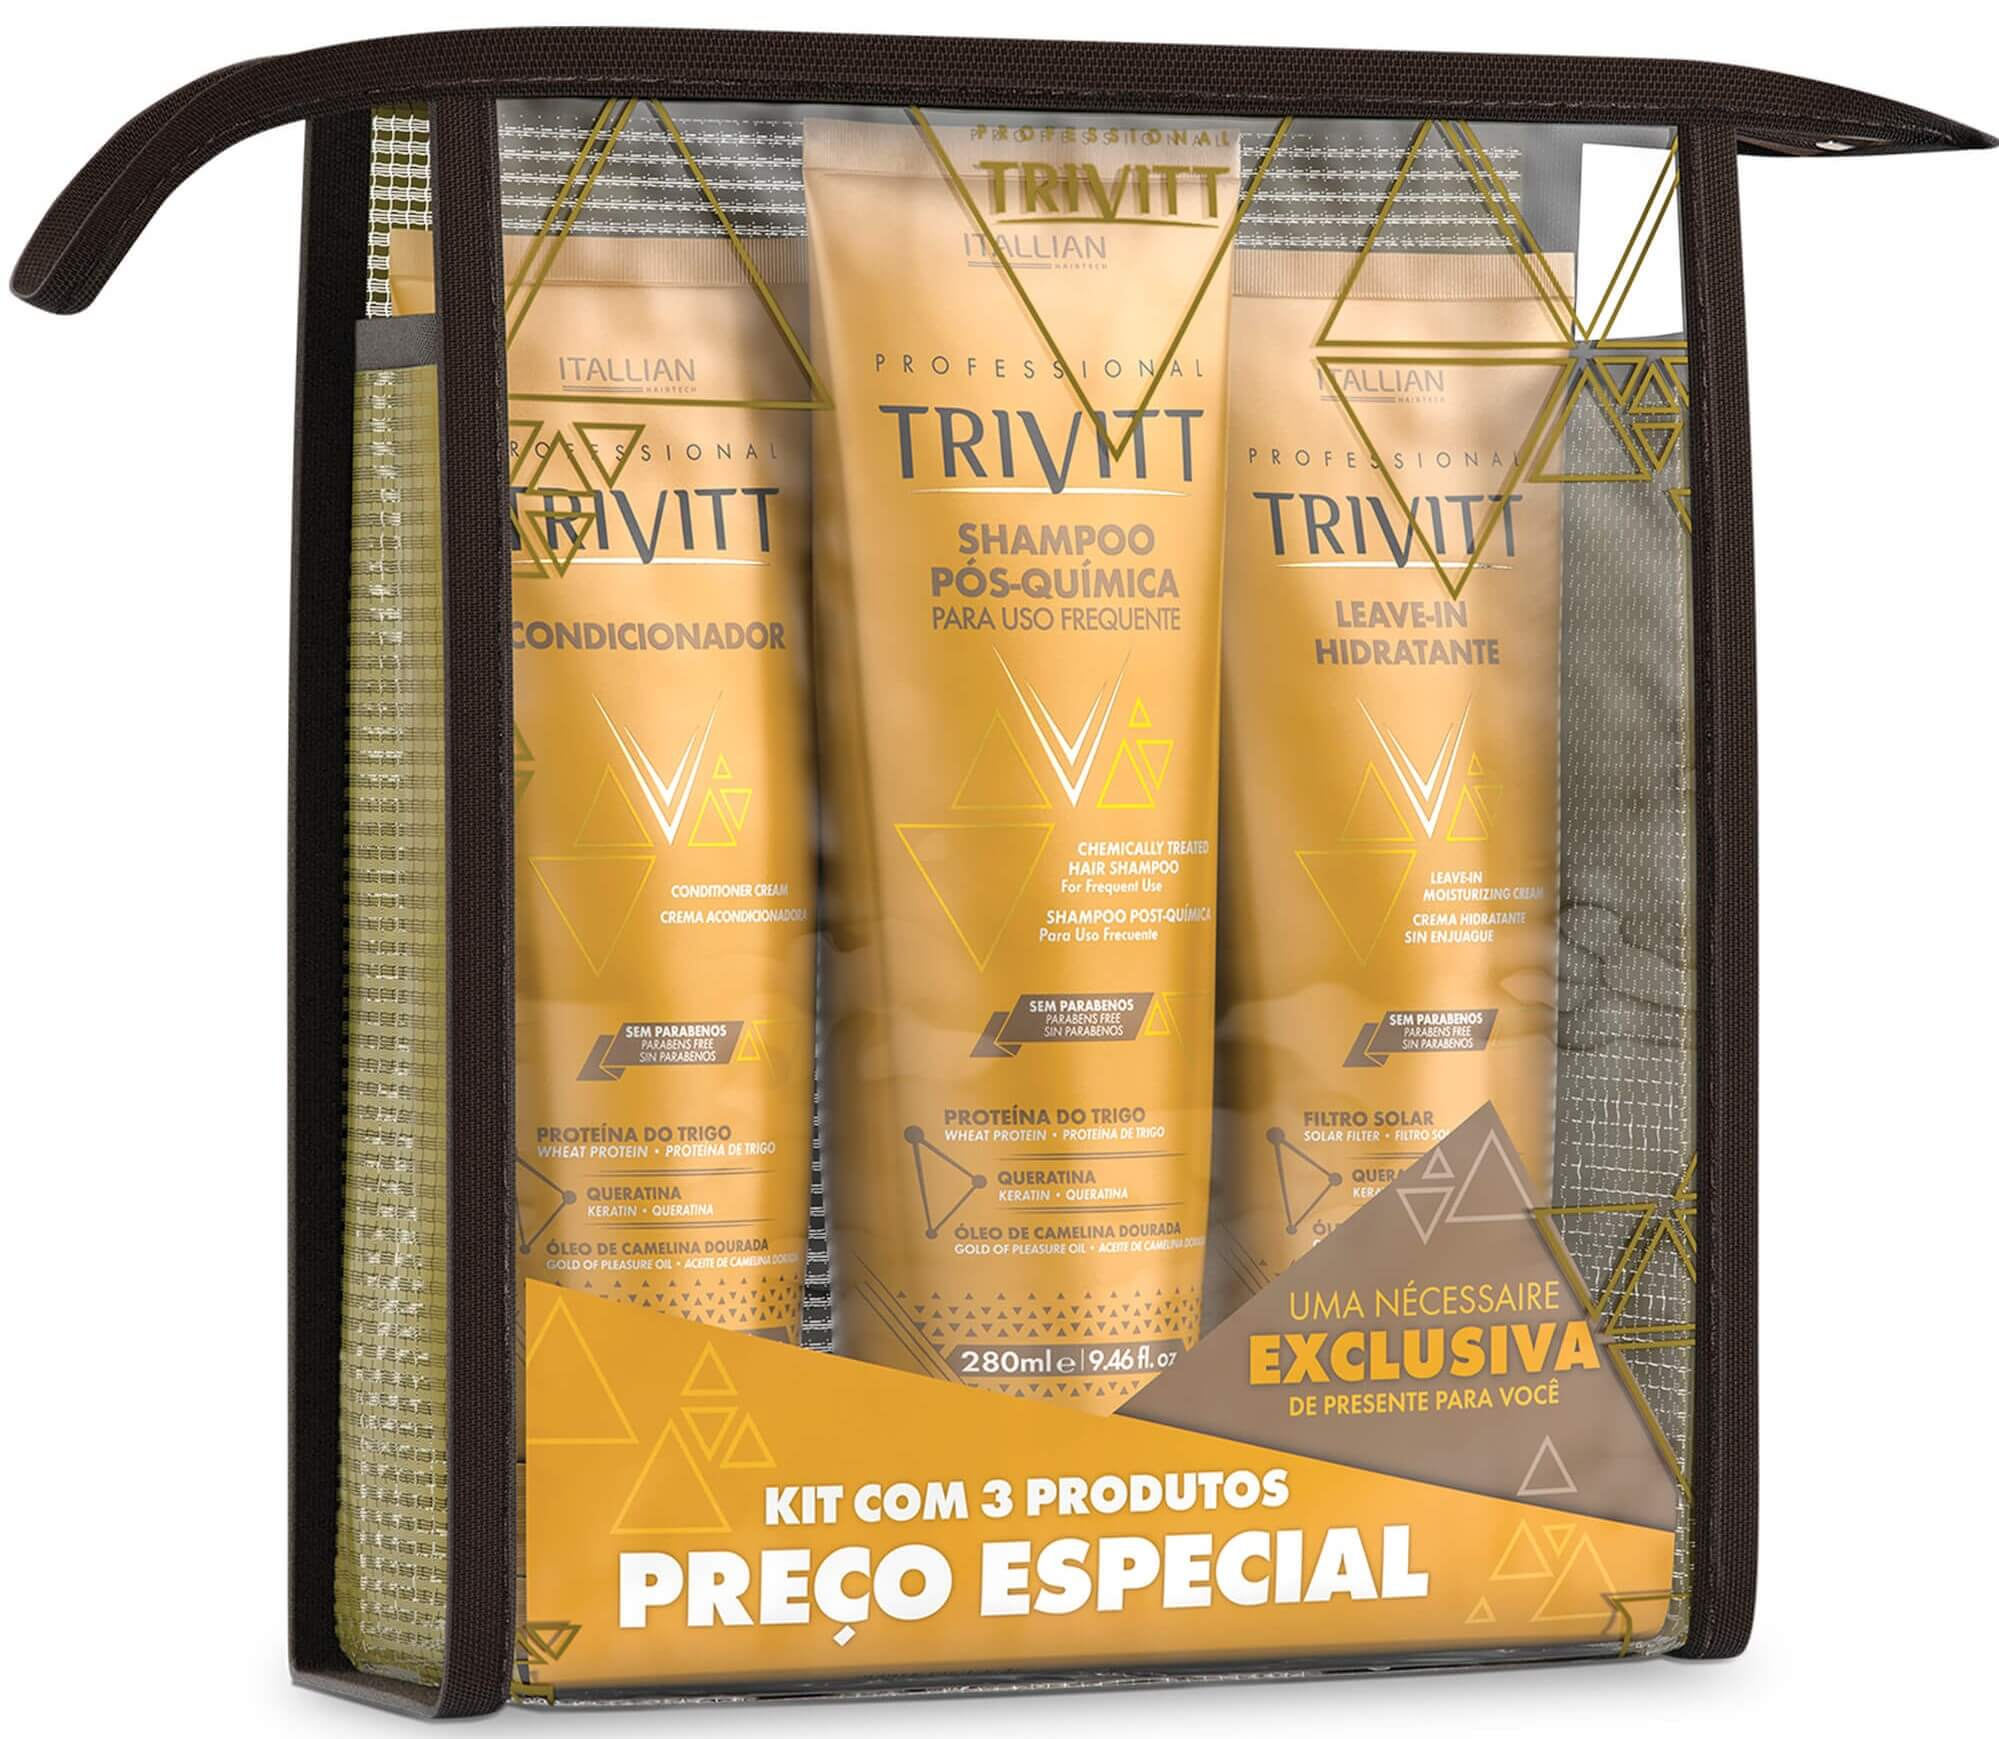 Kit Itallian Home Care Trivitt Com Leave-in Hidratante